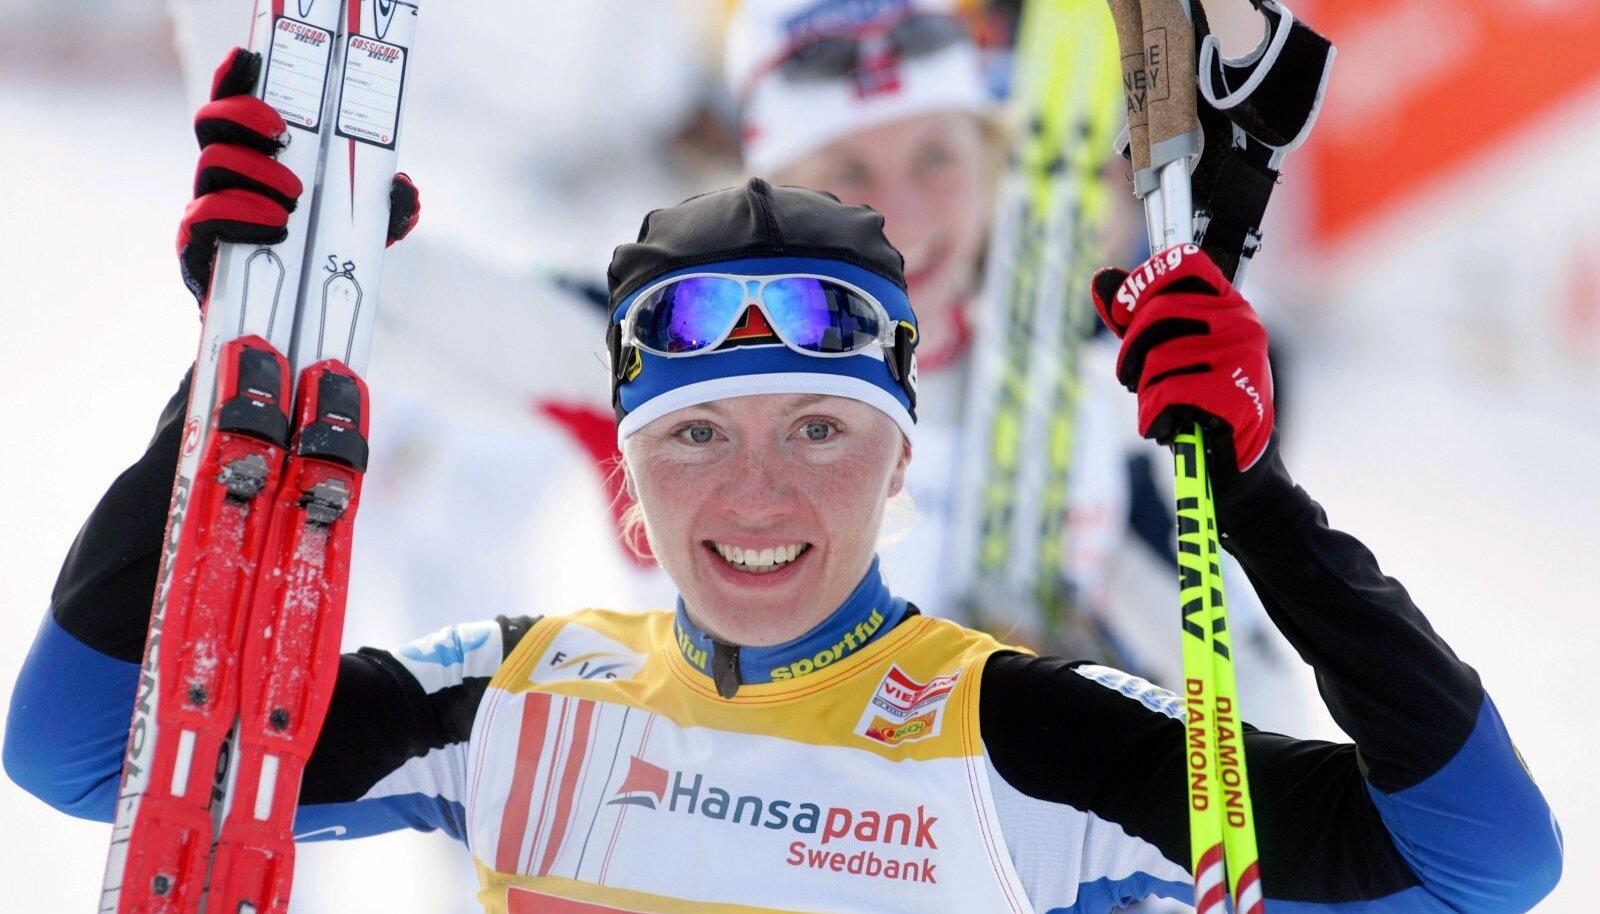 Virpi Sarasvuo (endine Kuitunen) võitis pärast karistuse kandmist Soomele kulda ja karda ning tõusis taas tähe staatusesse.